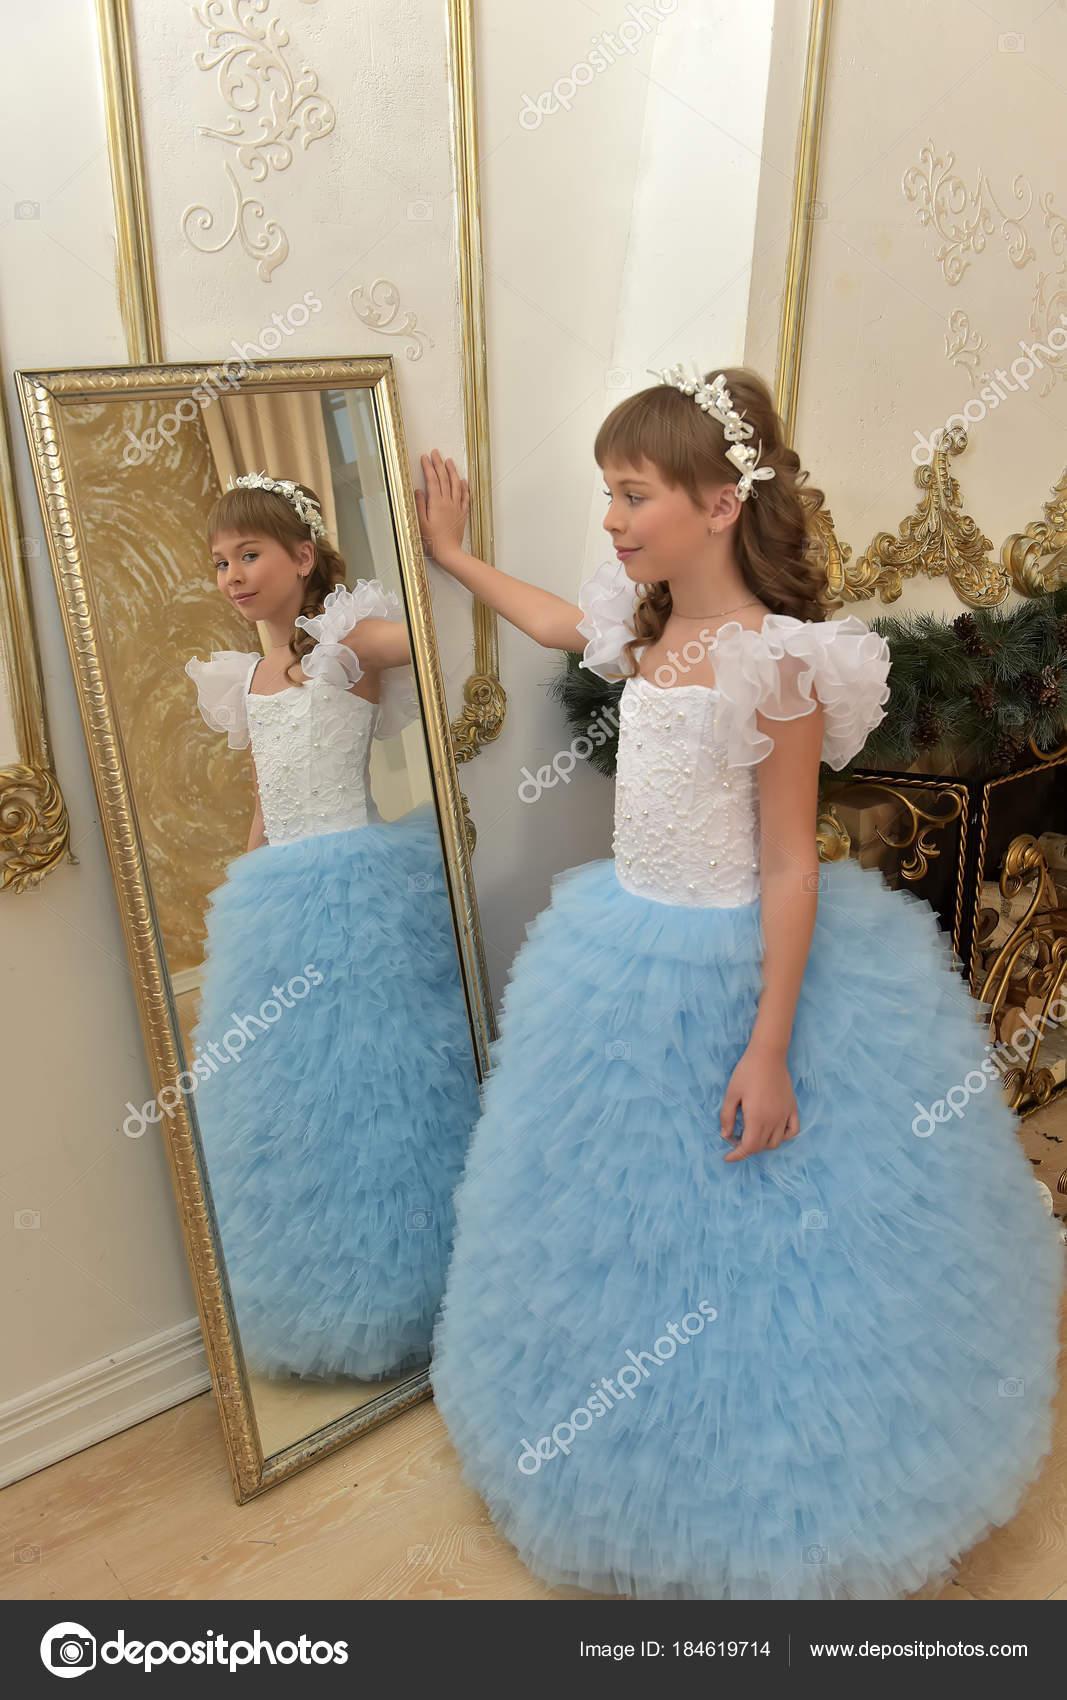 Mädchen Schaut Auf Ihr Spiegelbild In Den Spiegel Stockfoto